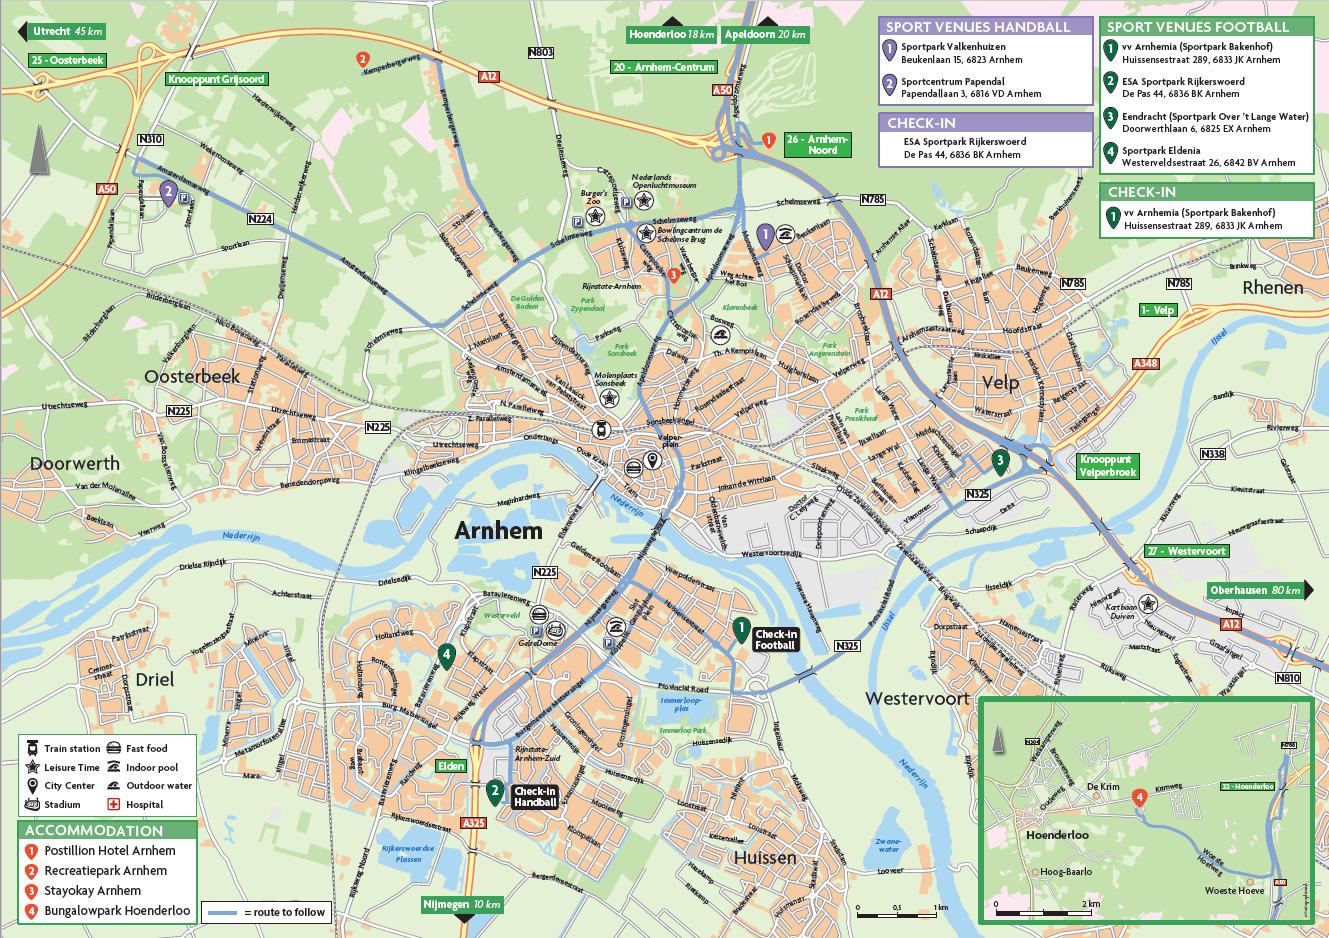 Toernooikaart Arnhem.PNG